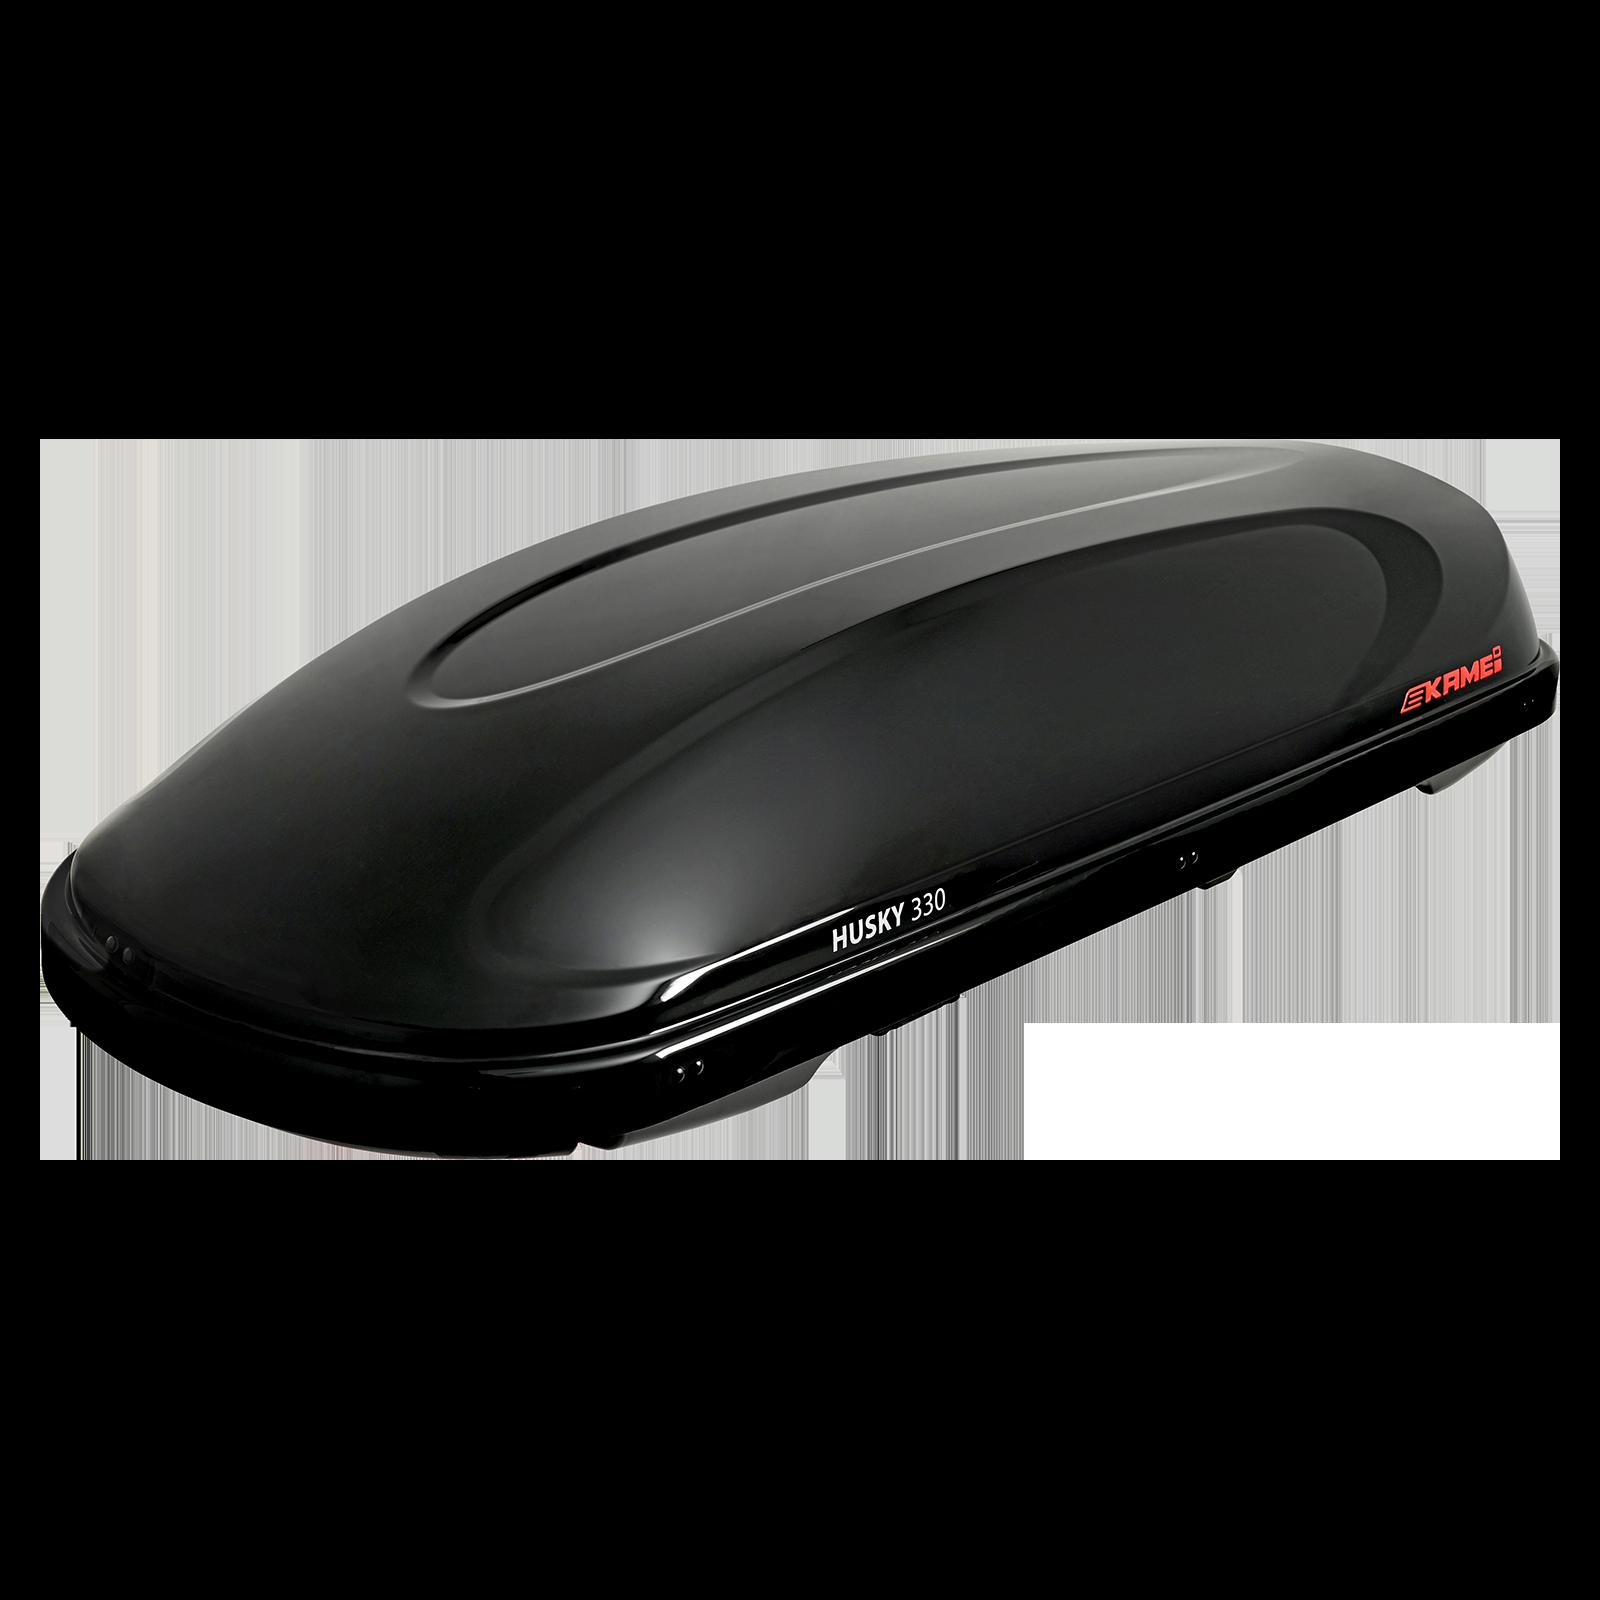 Dachbox Kamei Husky 330 schwarz glänzend - Bild 2